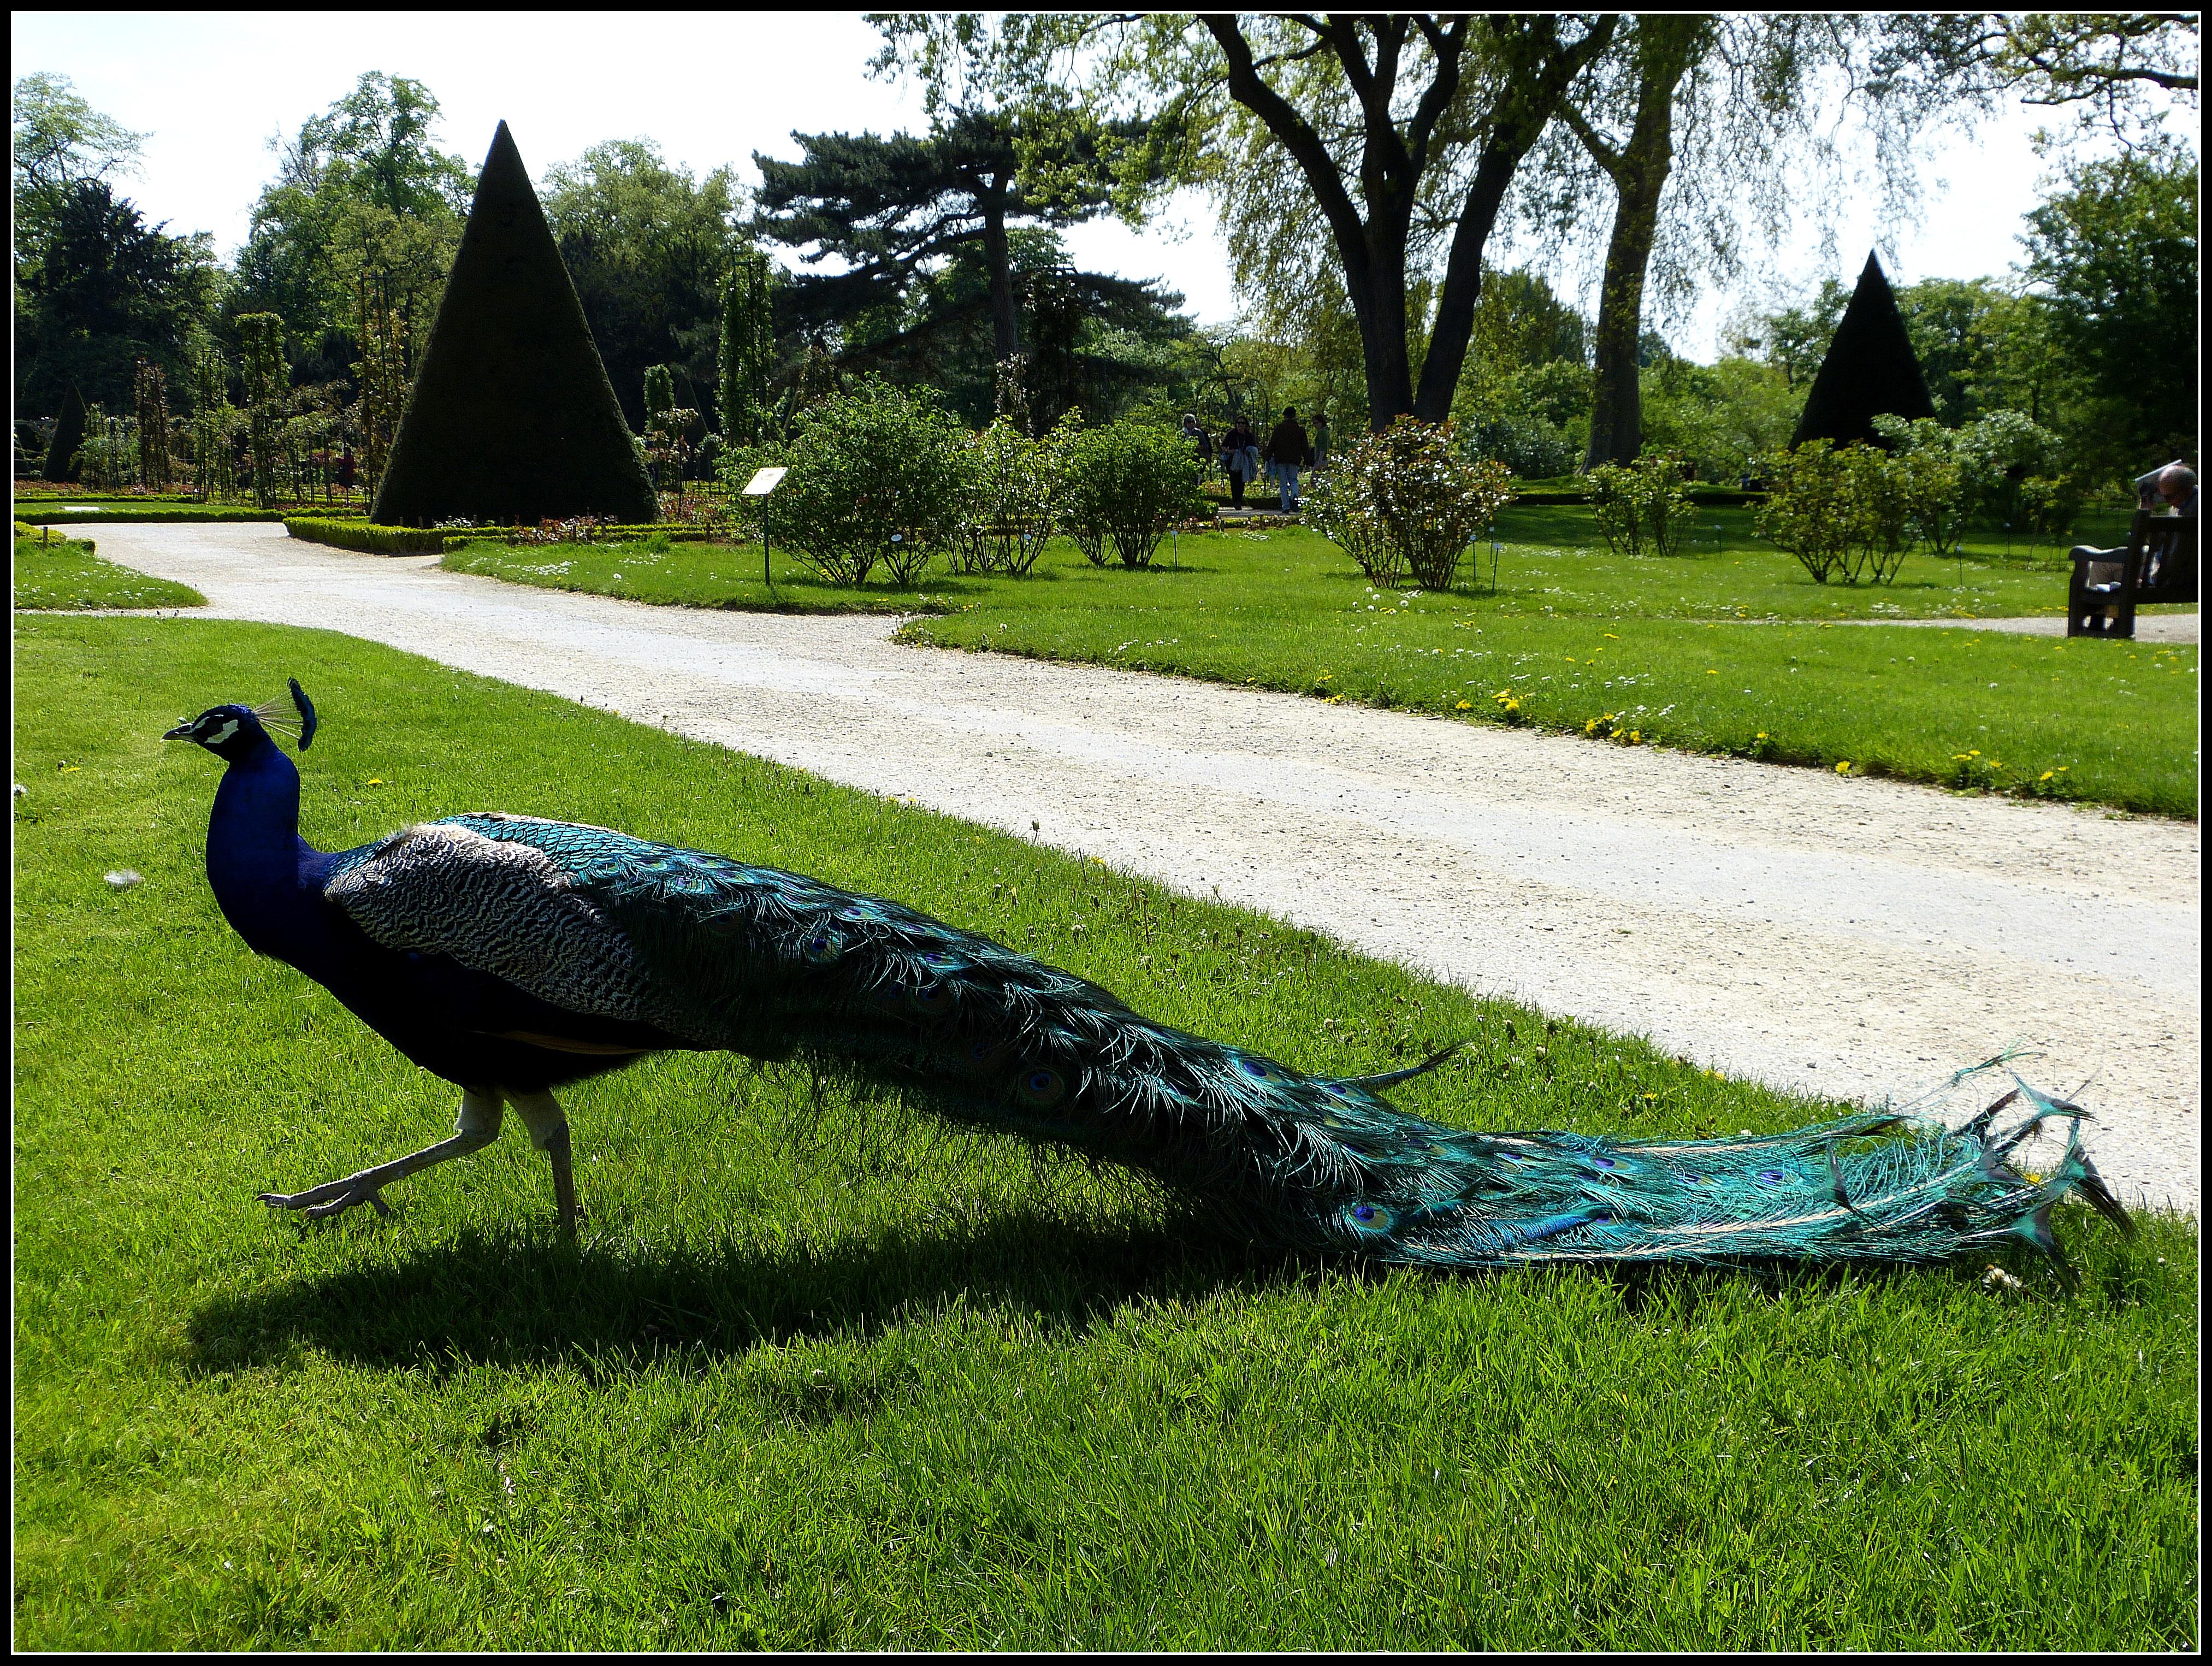 Les jardins de bagatelle japanalex for Bagatelle jardin